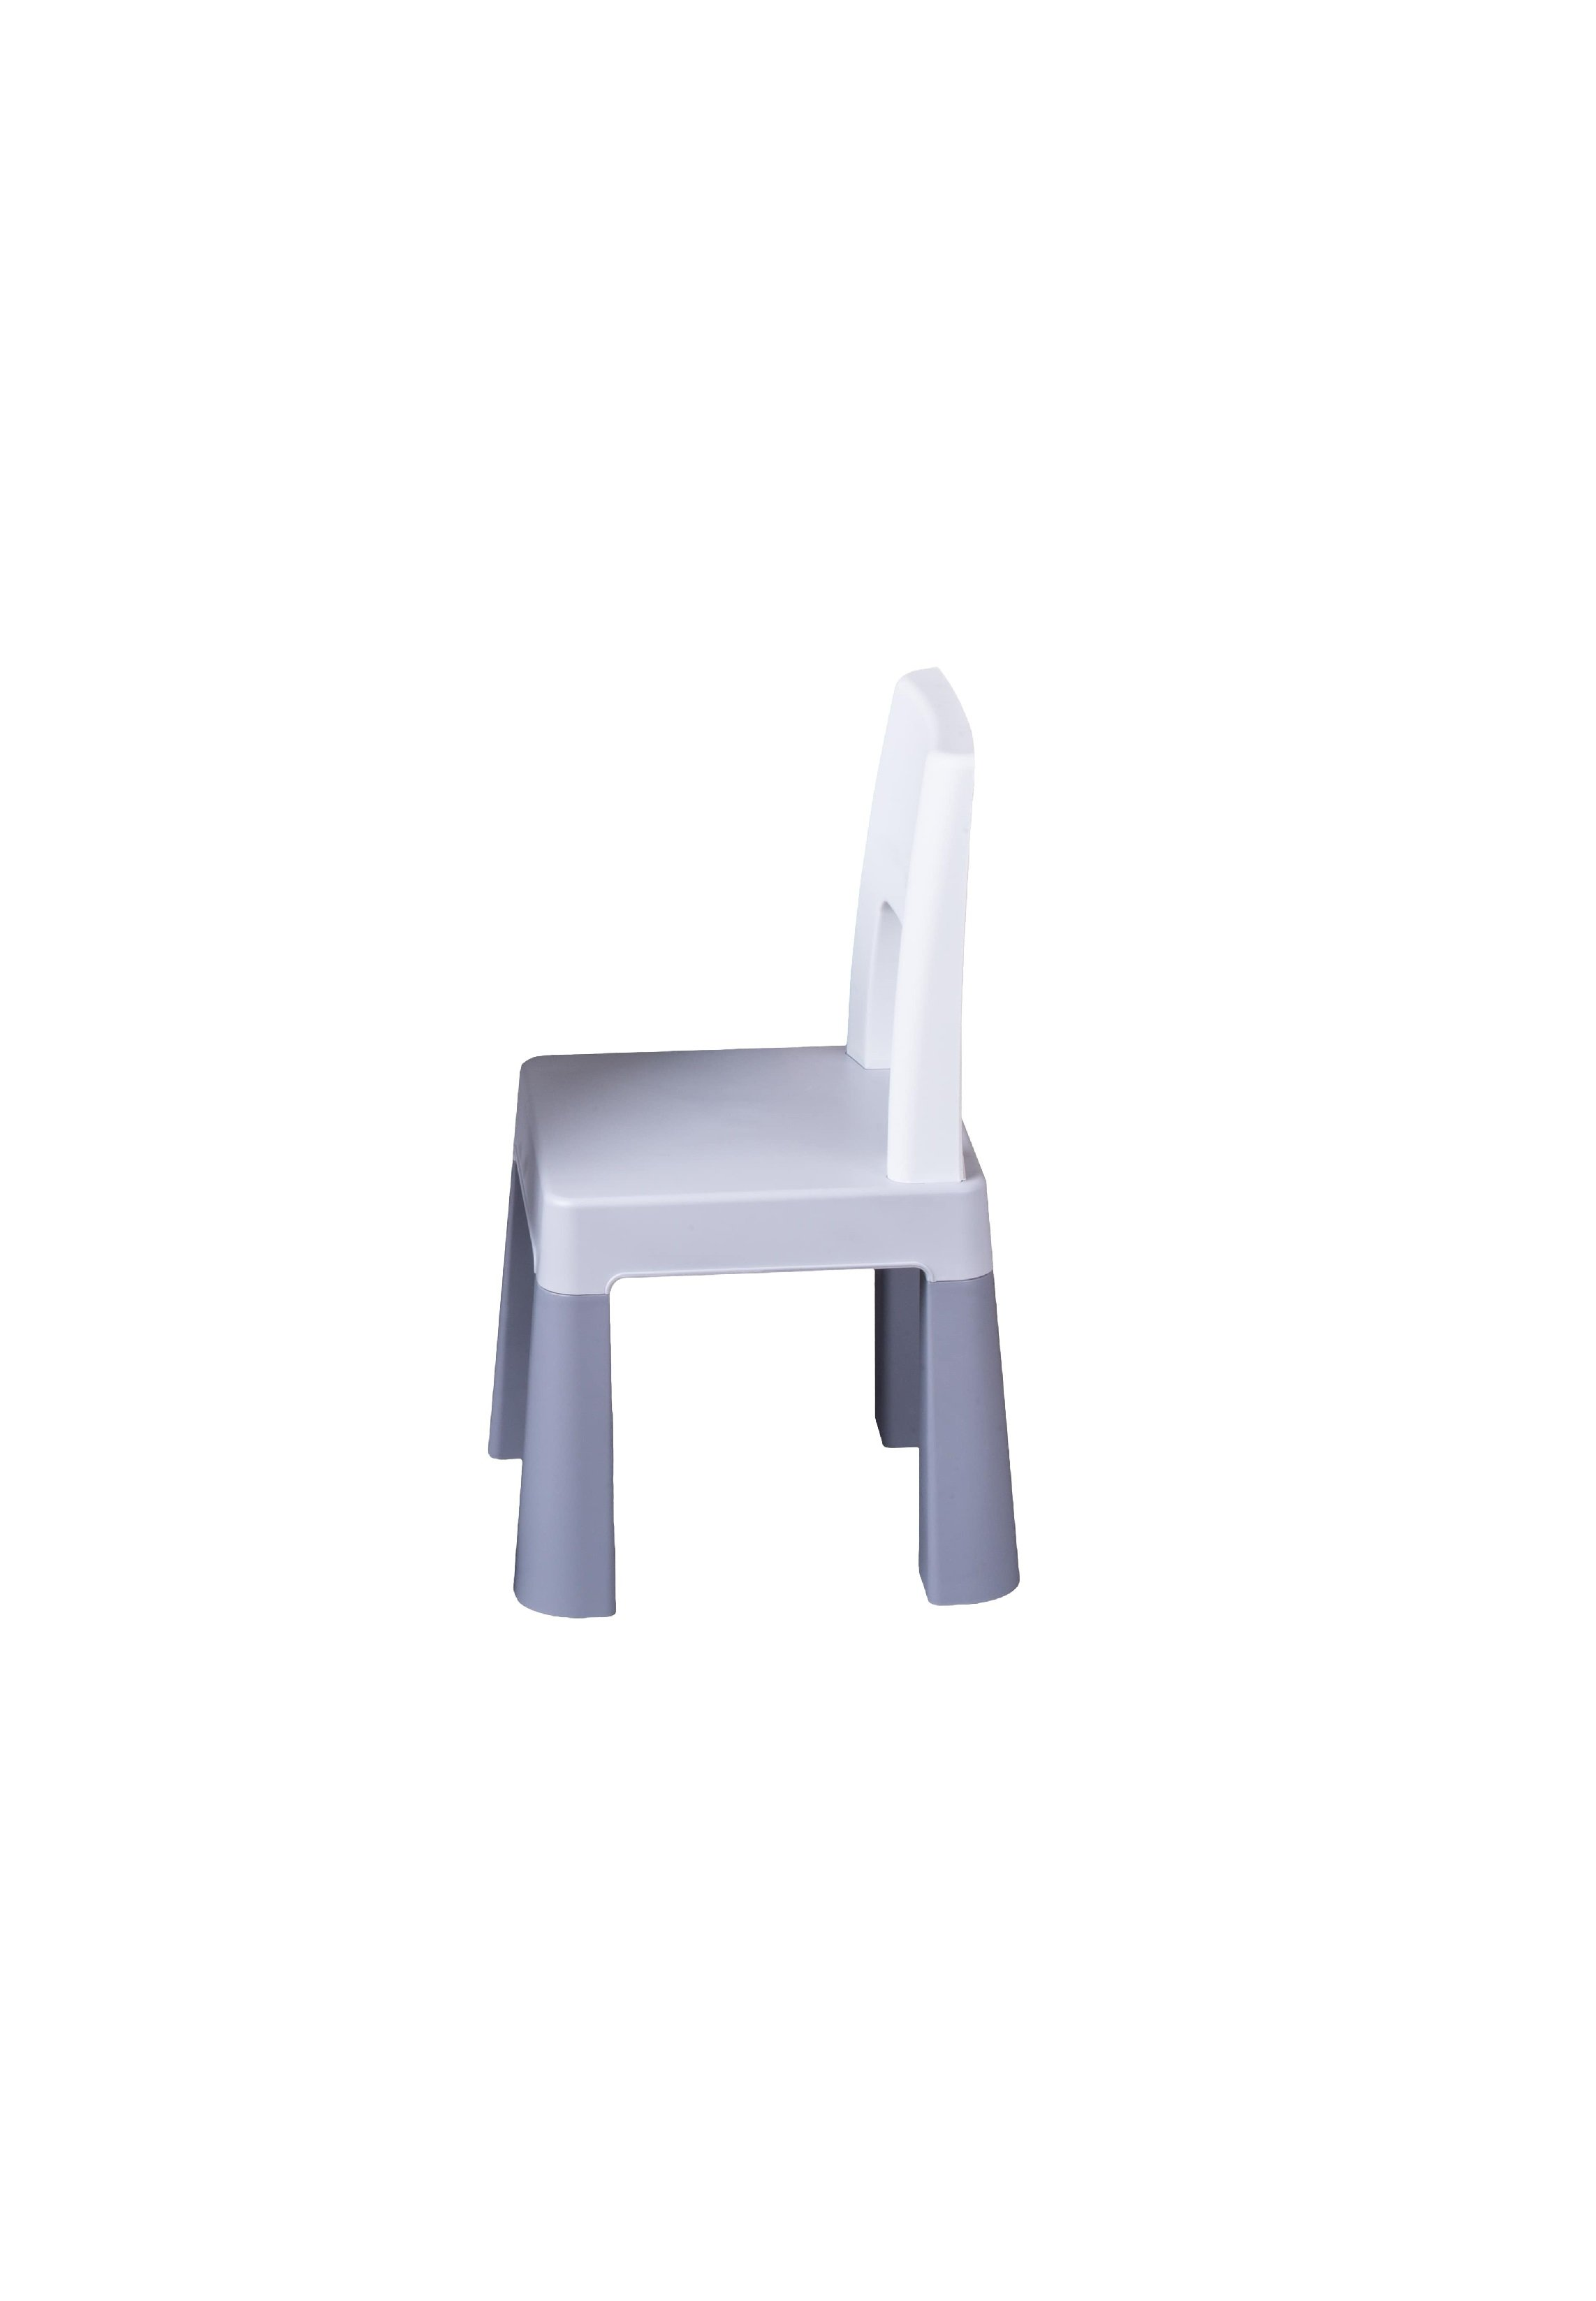 Židlièka ke stoleèku multifun šedá - zvìtšit obrázek